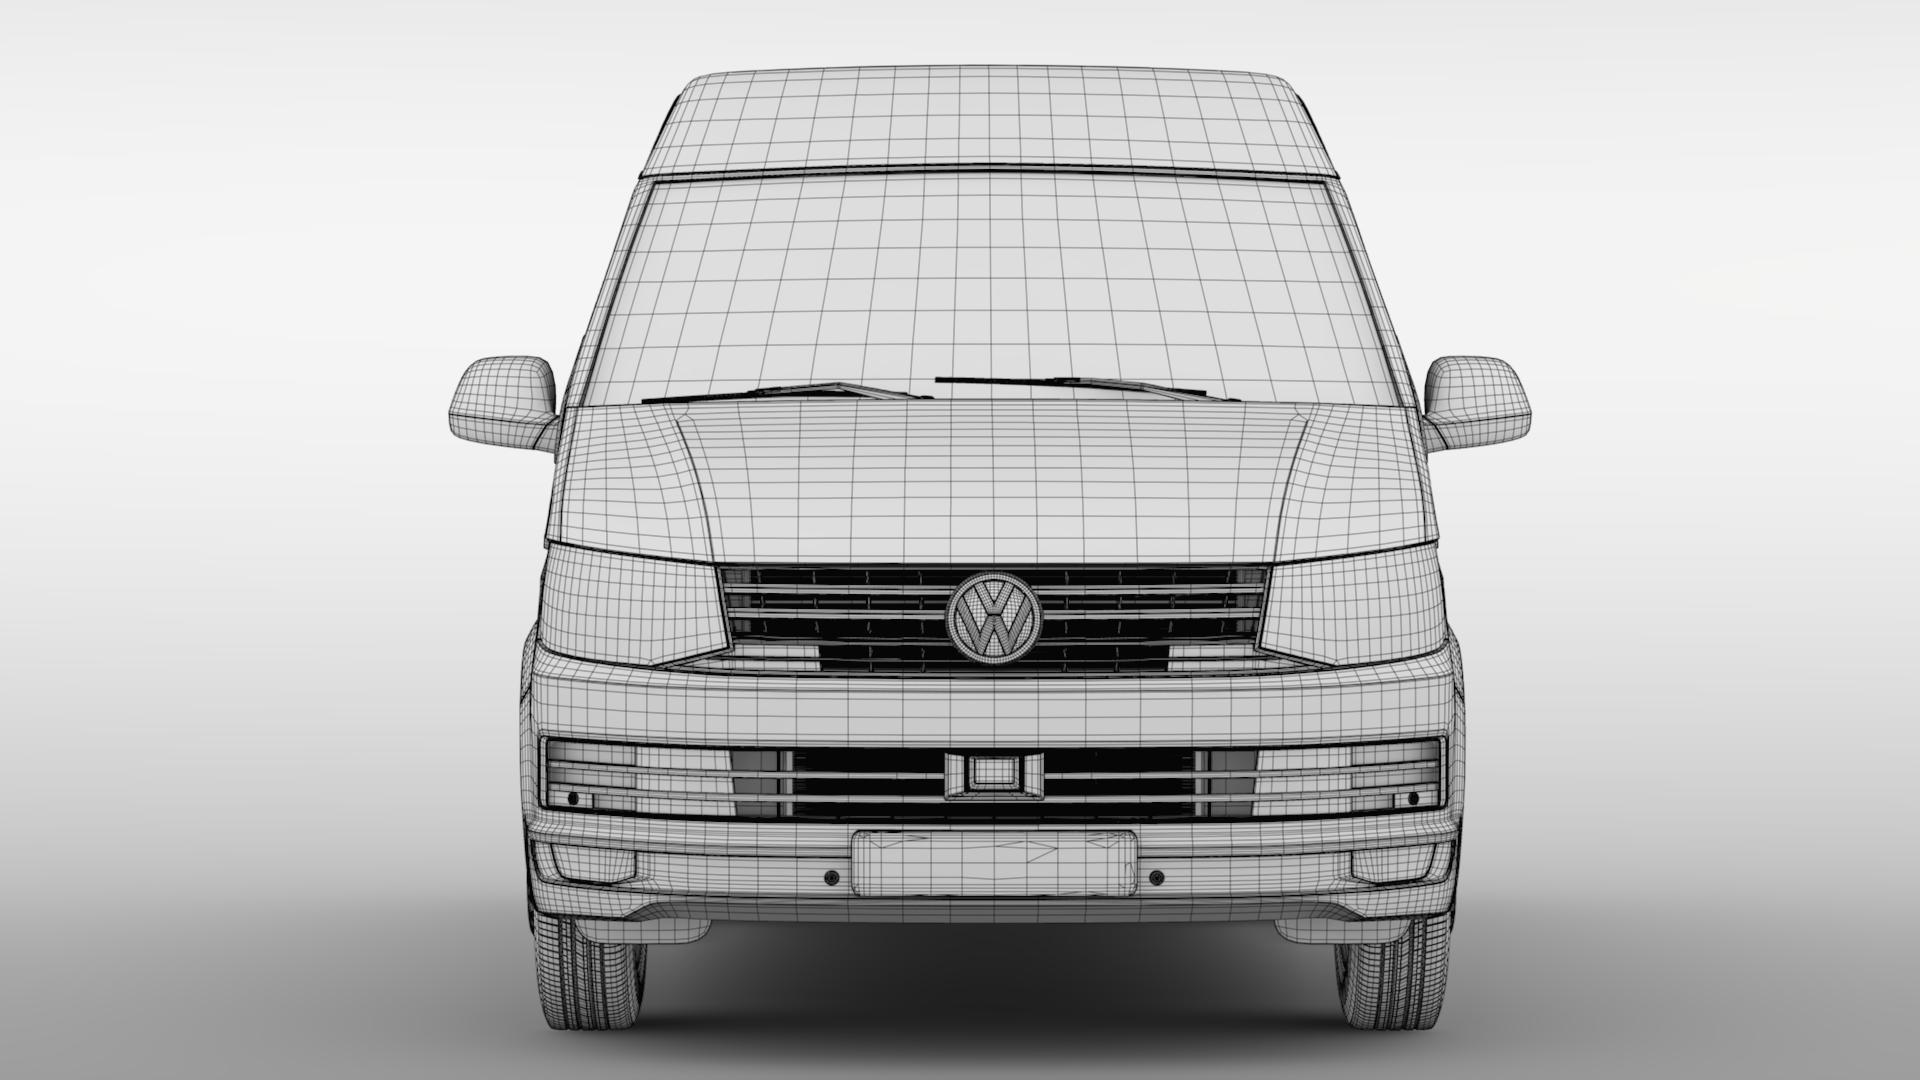 volkswagen transporter van l1h2 t6 2017 3d model max fbx c4d lwo ma mb hrc xsi obj 275159